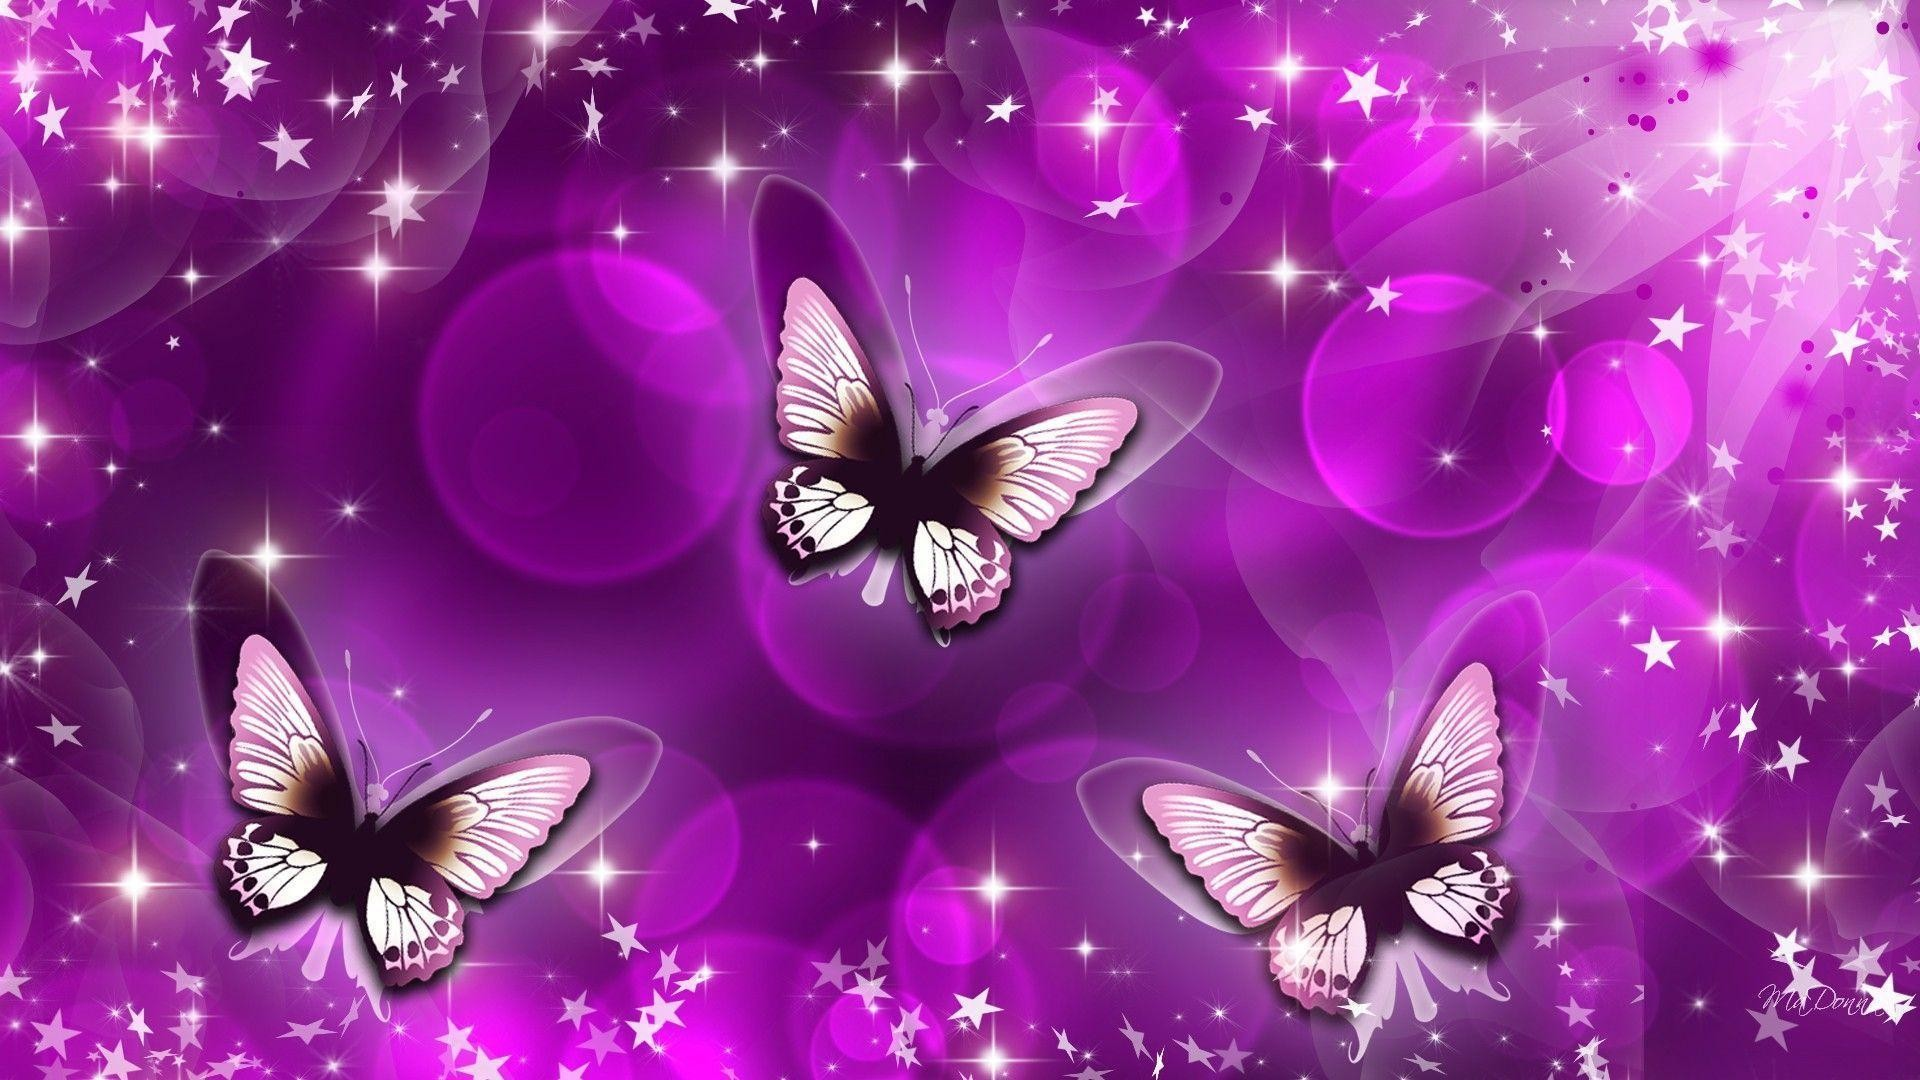 Simple Wallpaper Home Screen Butterfly - 630093-purple-butterfly-wallpaper-1920x1080-screen  Best Photo Reference_289864.jpg